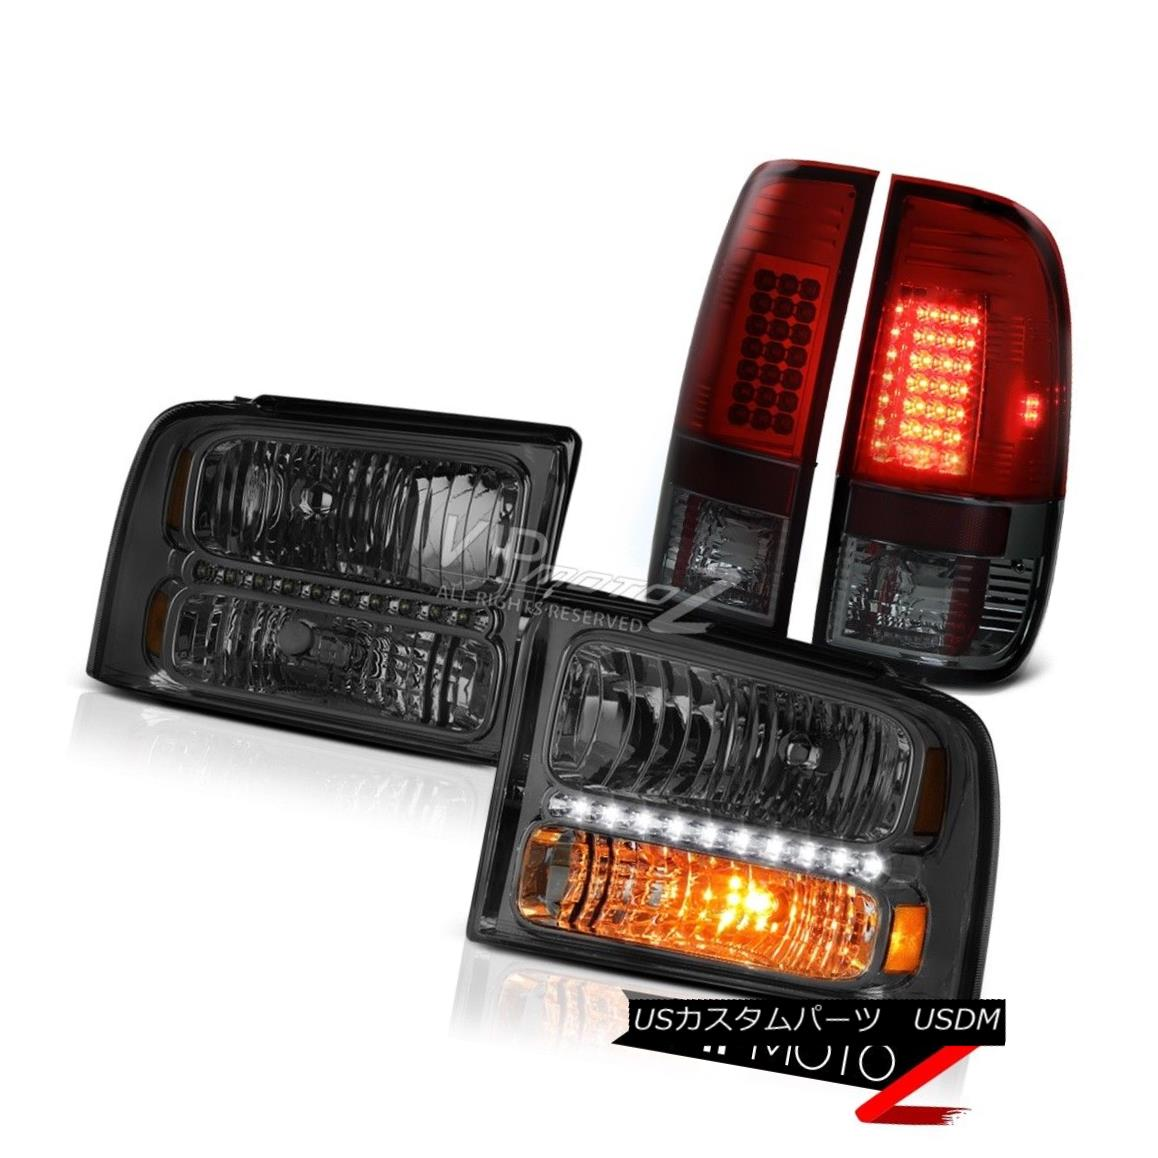 テールライト Left Right Smoke Headlights Cherry Red Tail Lights 2005 2006 2007 Ford F250 7.3L 左右スモークヘッドライトチェリーレッドテールライト2005 2006 2007 Ford F250 7.3L